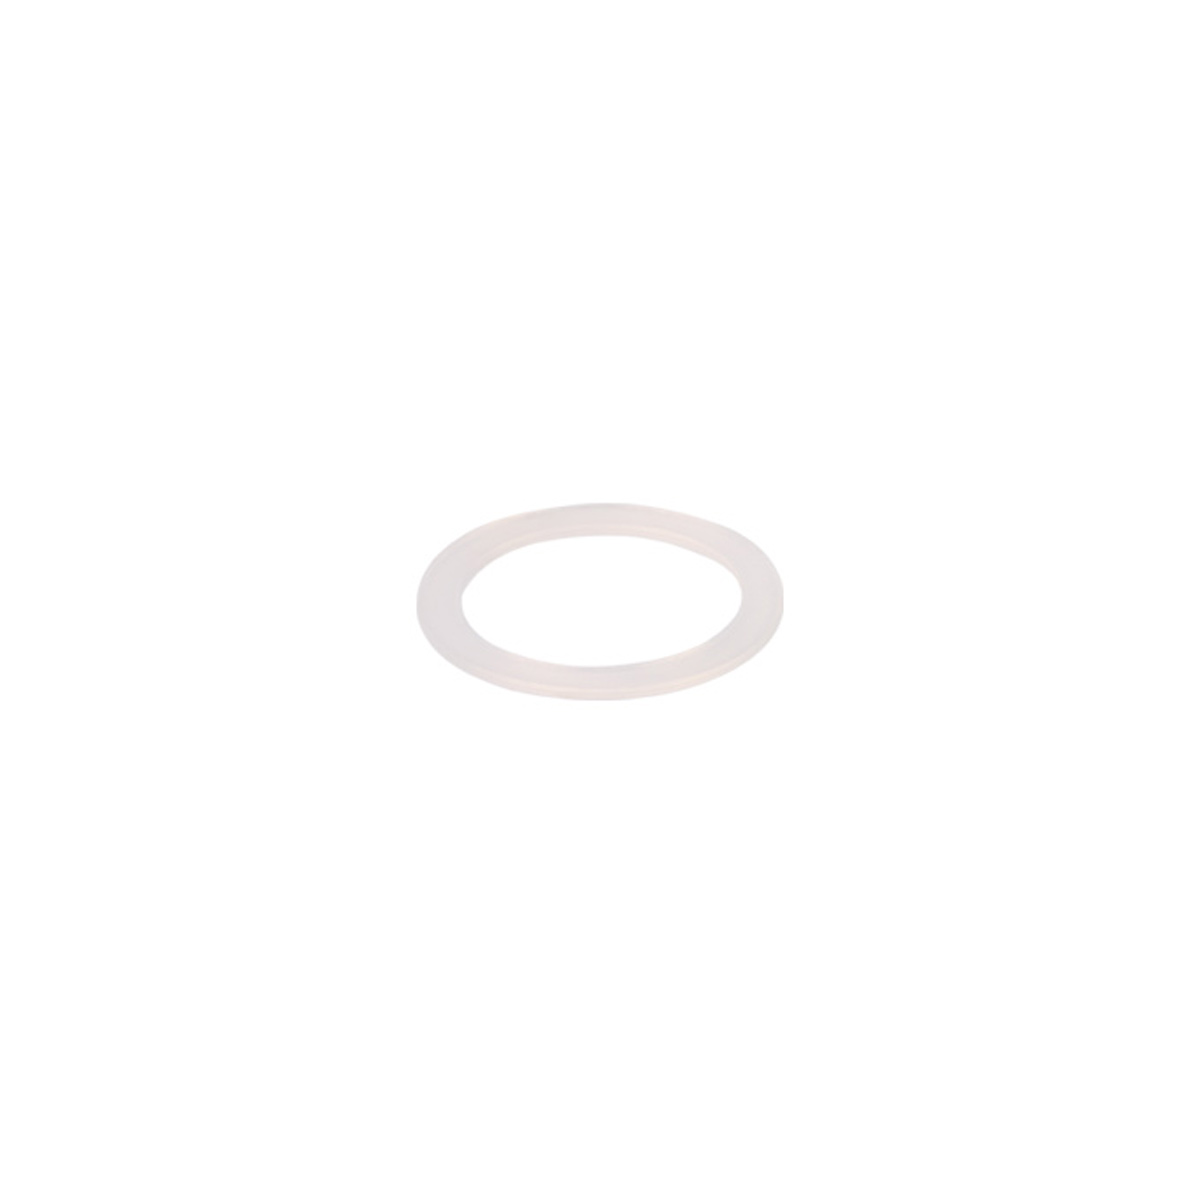 Silikonové těsnění PALOMA, 2 šálky